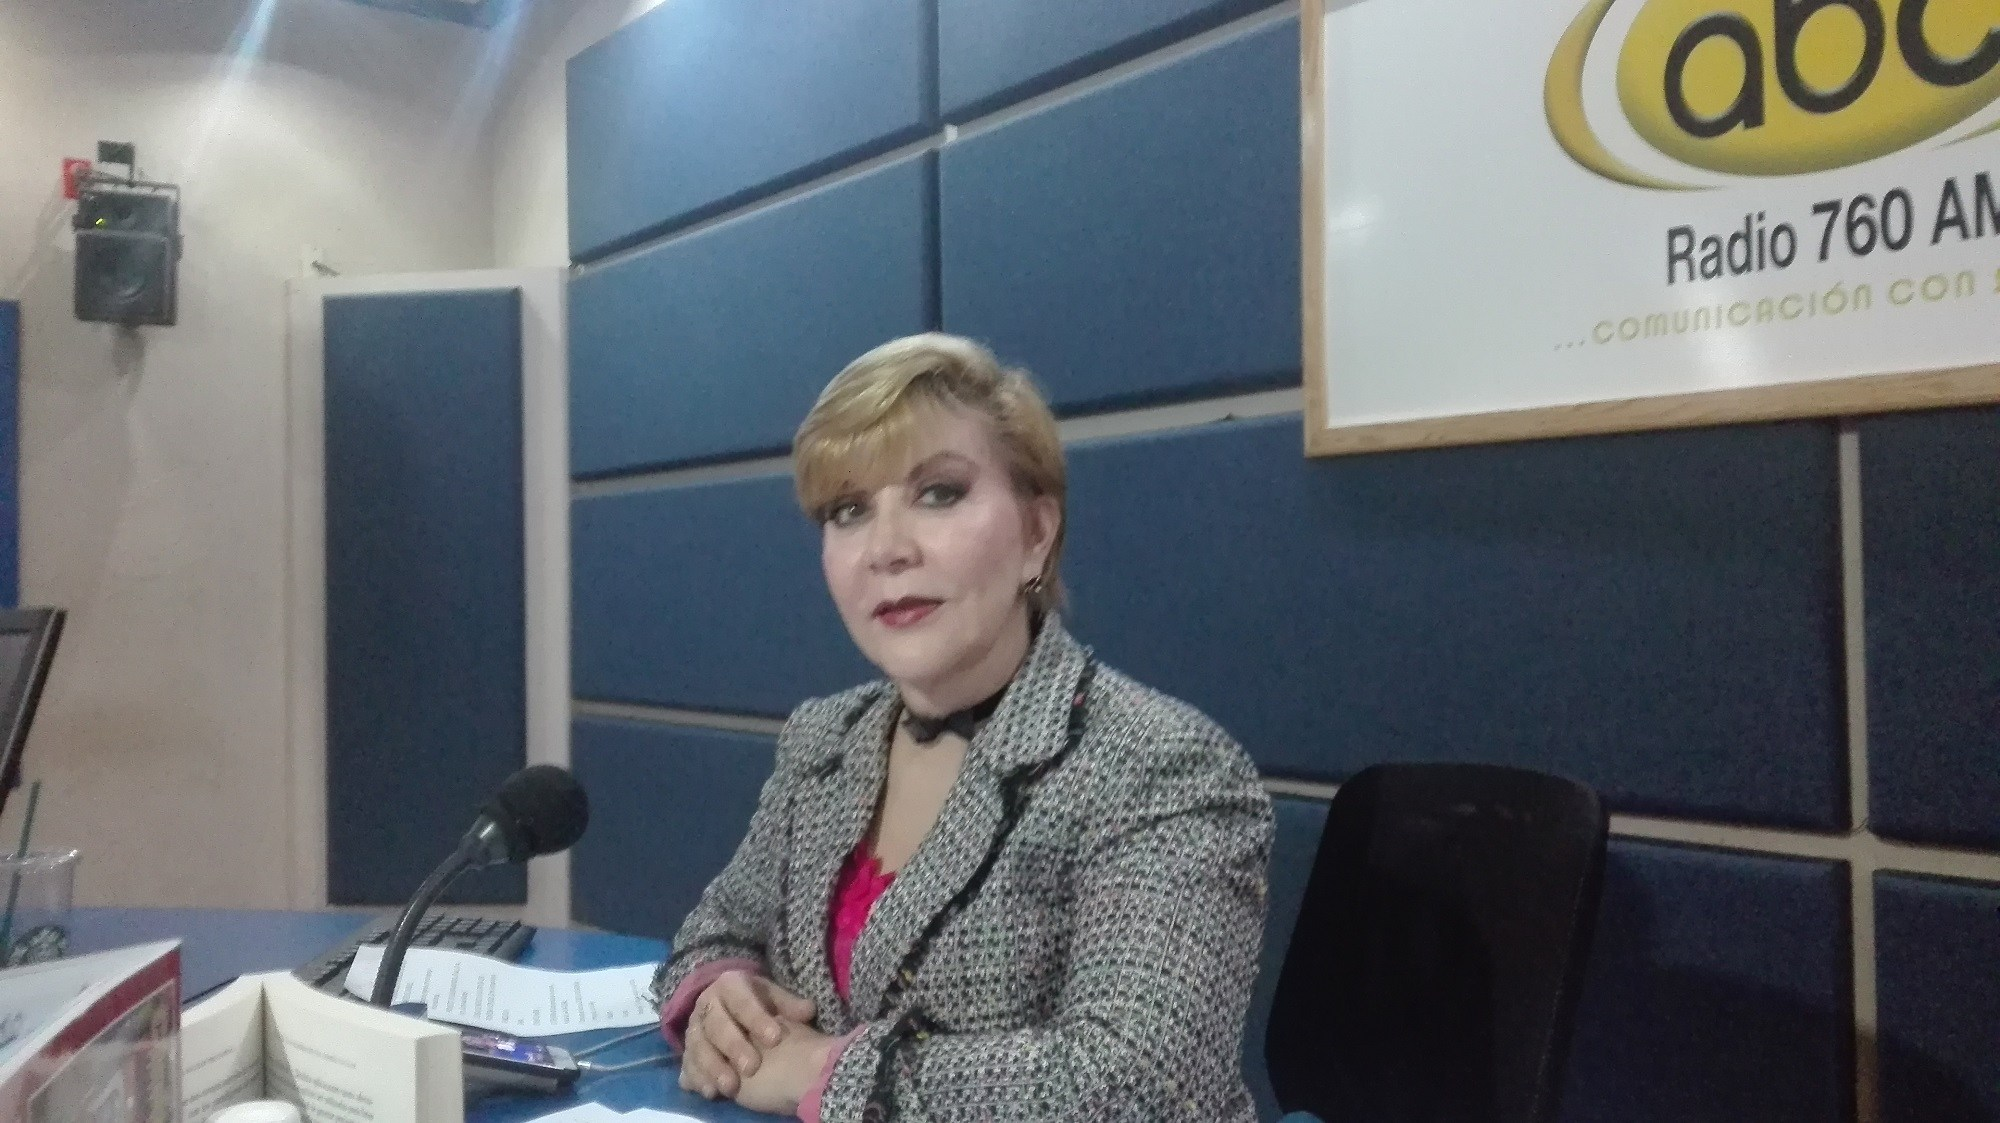 En entrevista exclusiva, la periodista Celeste Saénz de Miera, Directora y Conductora del programa Voces del Periodista